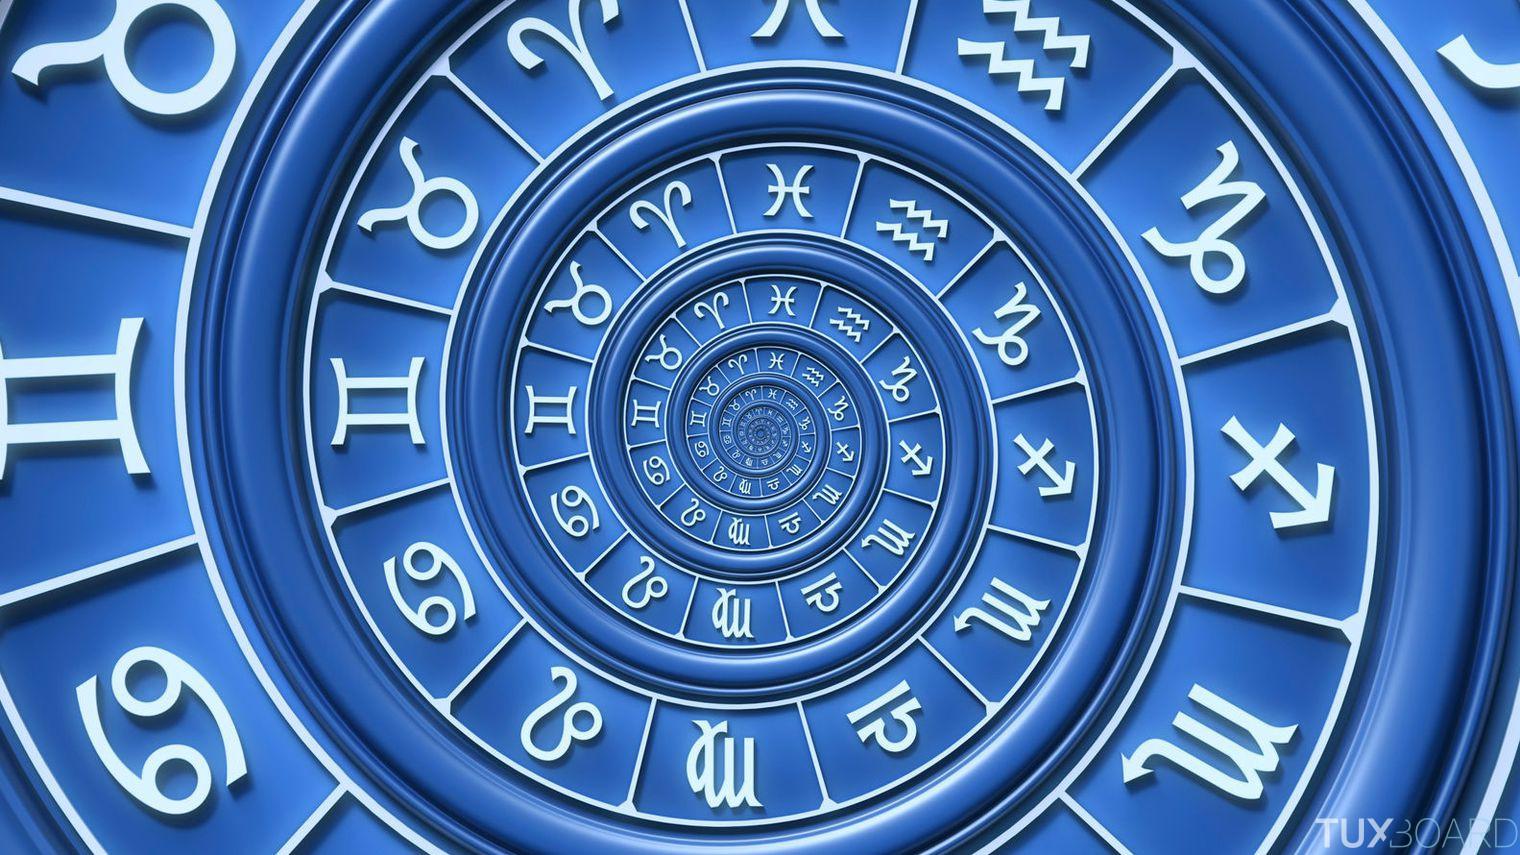 la compatibilit des signes astrologiques et vous tes vous sur la m me longueur d 39 onde. Black Bedroom Furniture Sets. Home Design Ideas